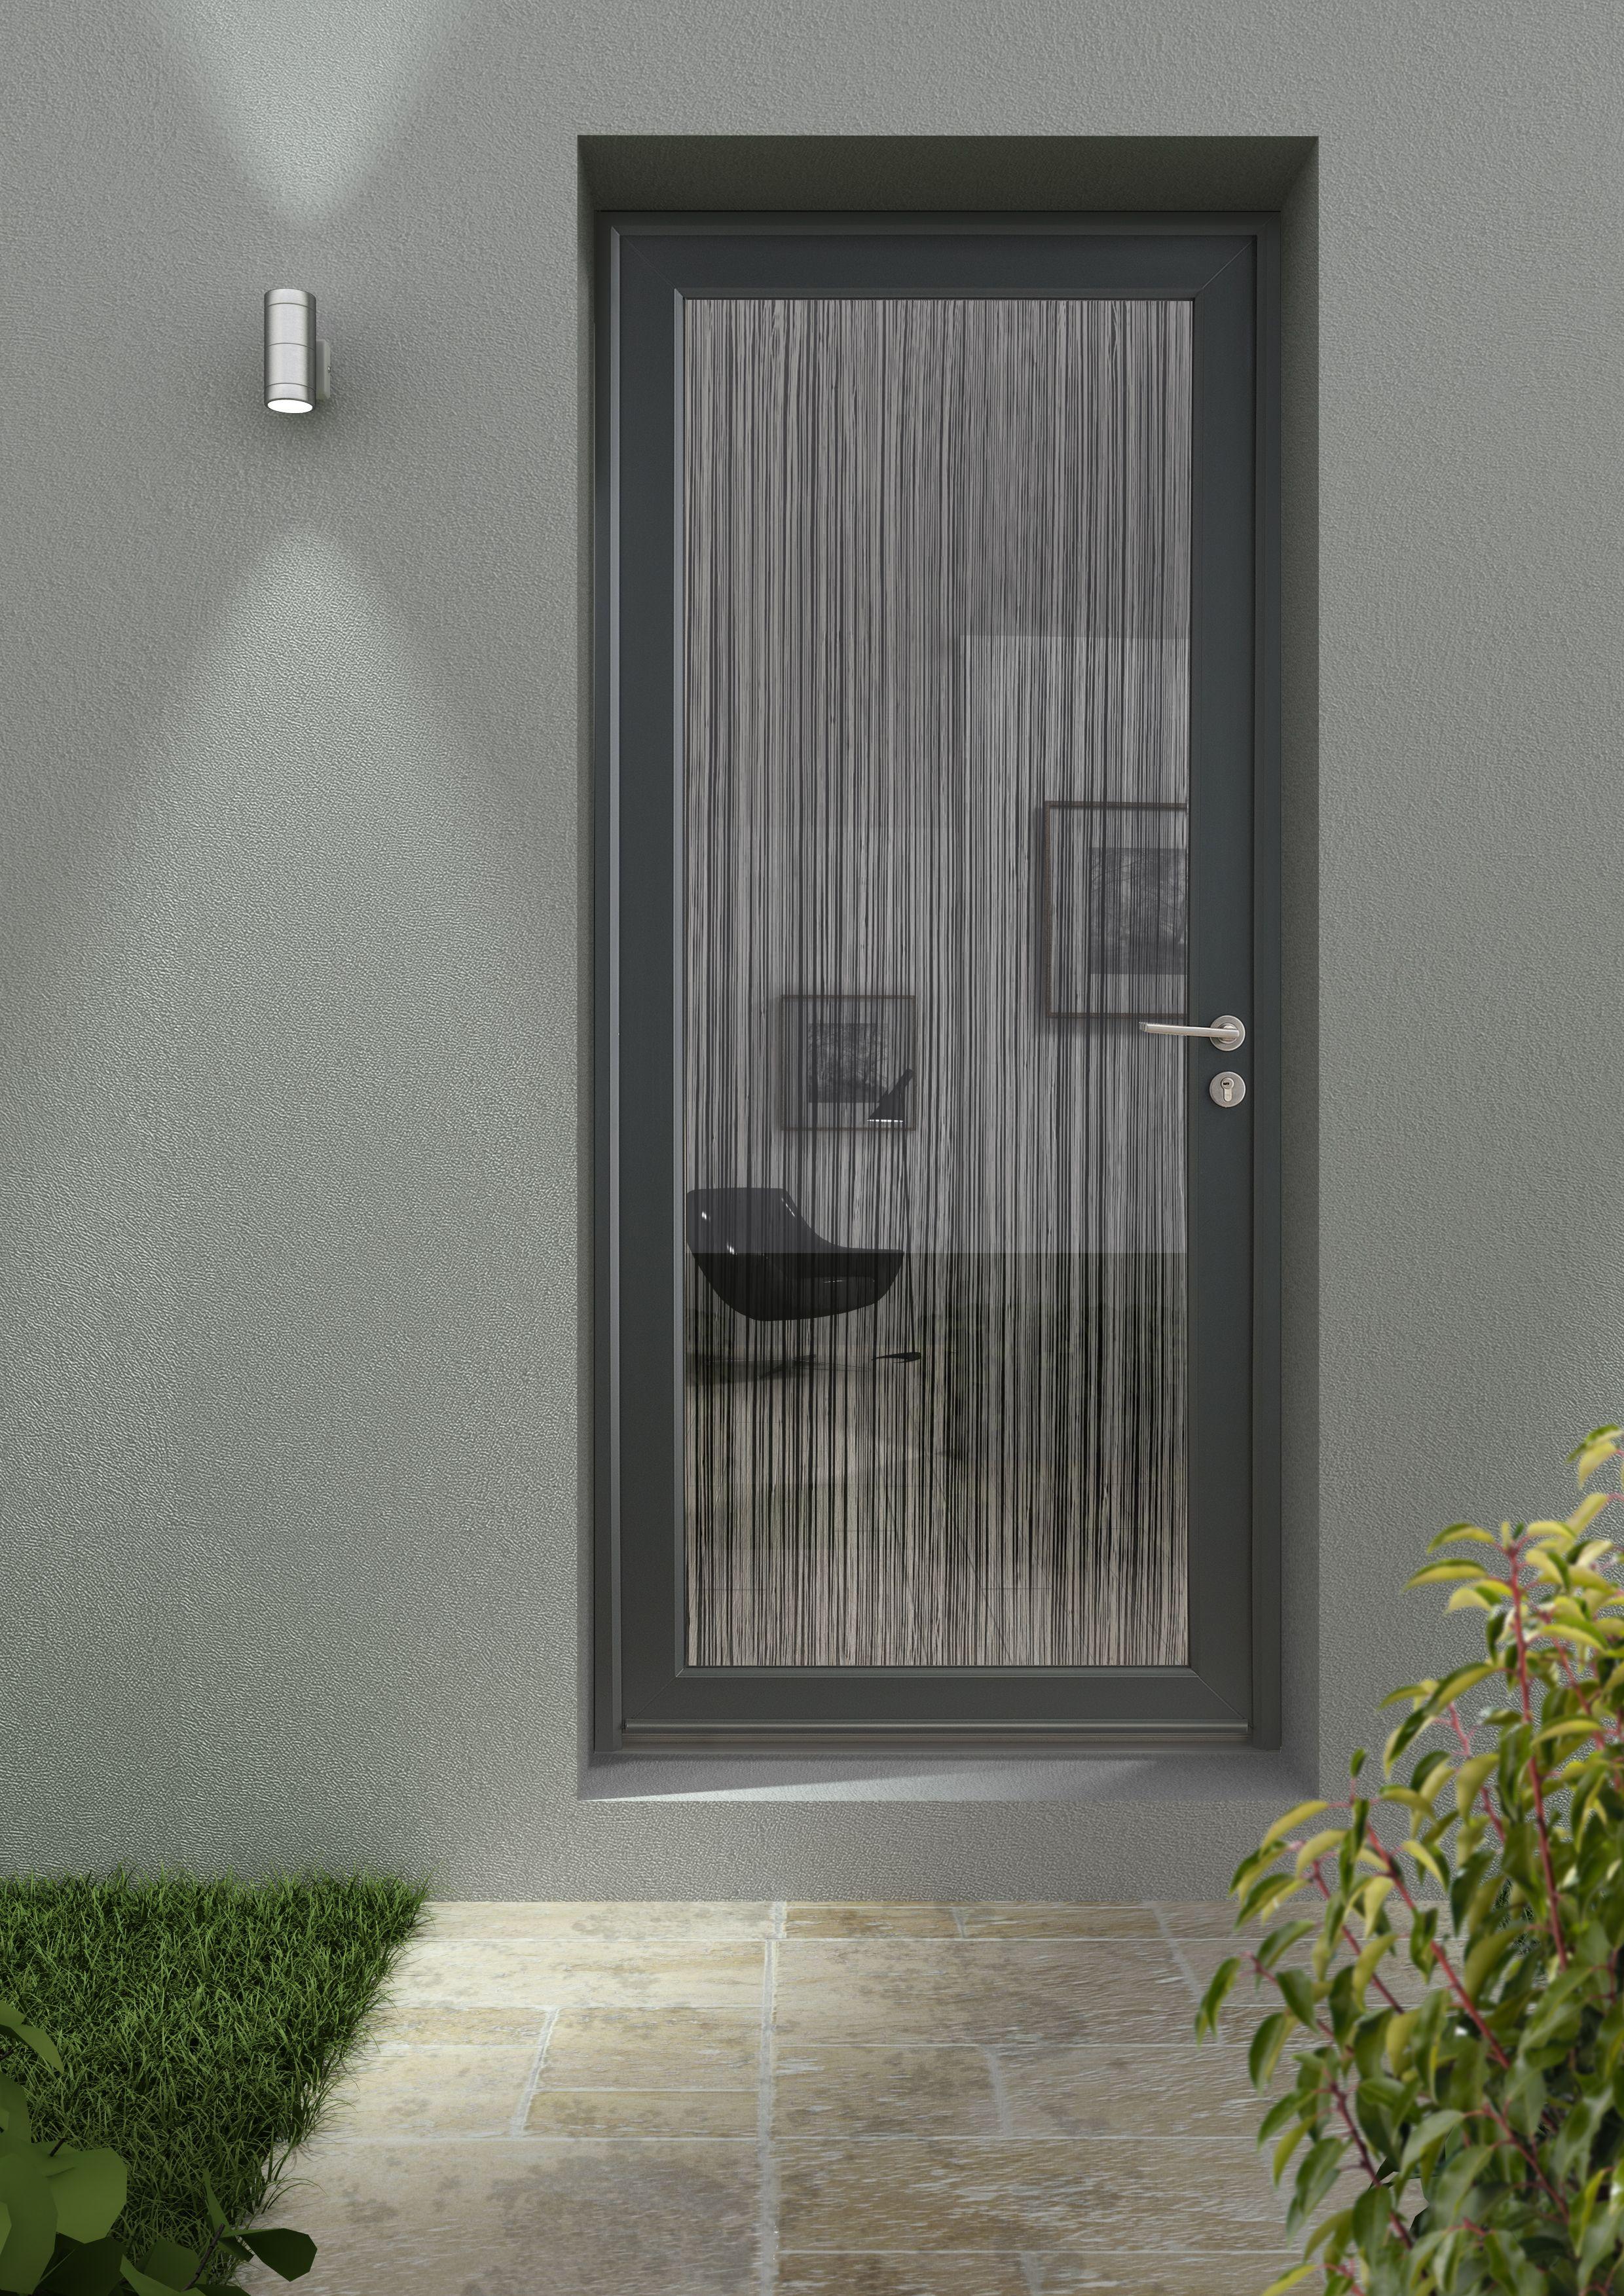 Rideau Porte D Entrée porte d'entrée de créateur en pvc, type rideau de fil